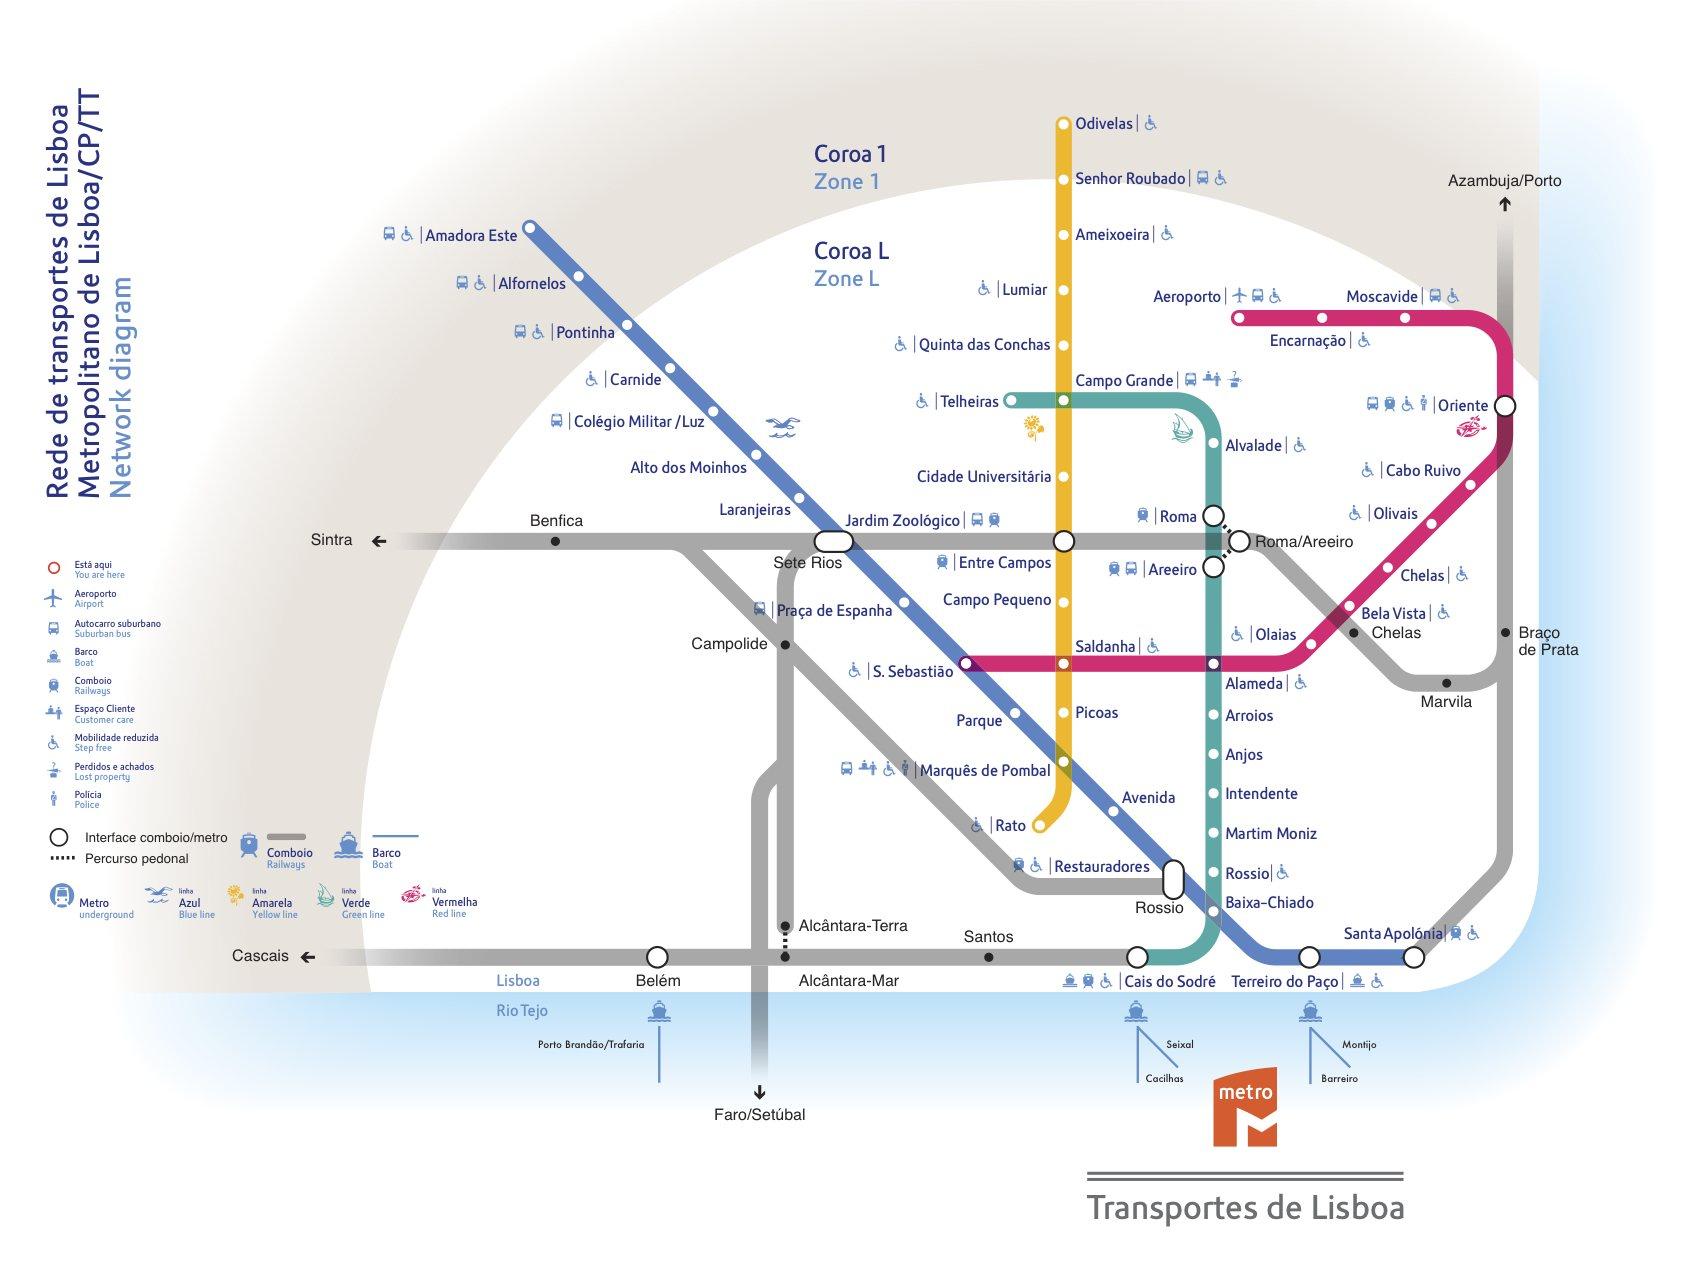 mapa de comboios de lisboa Transportes de Lisboa mapa de comboios de lisboa